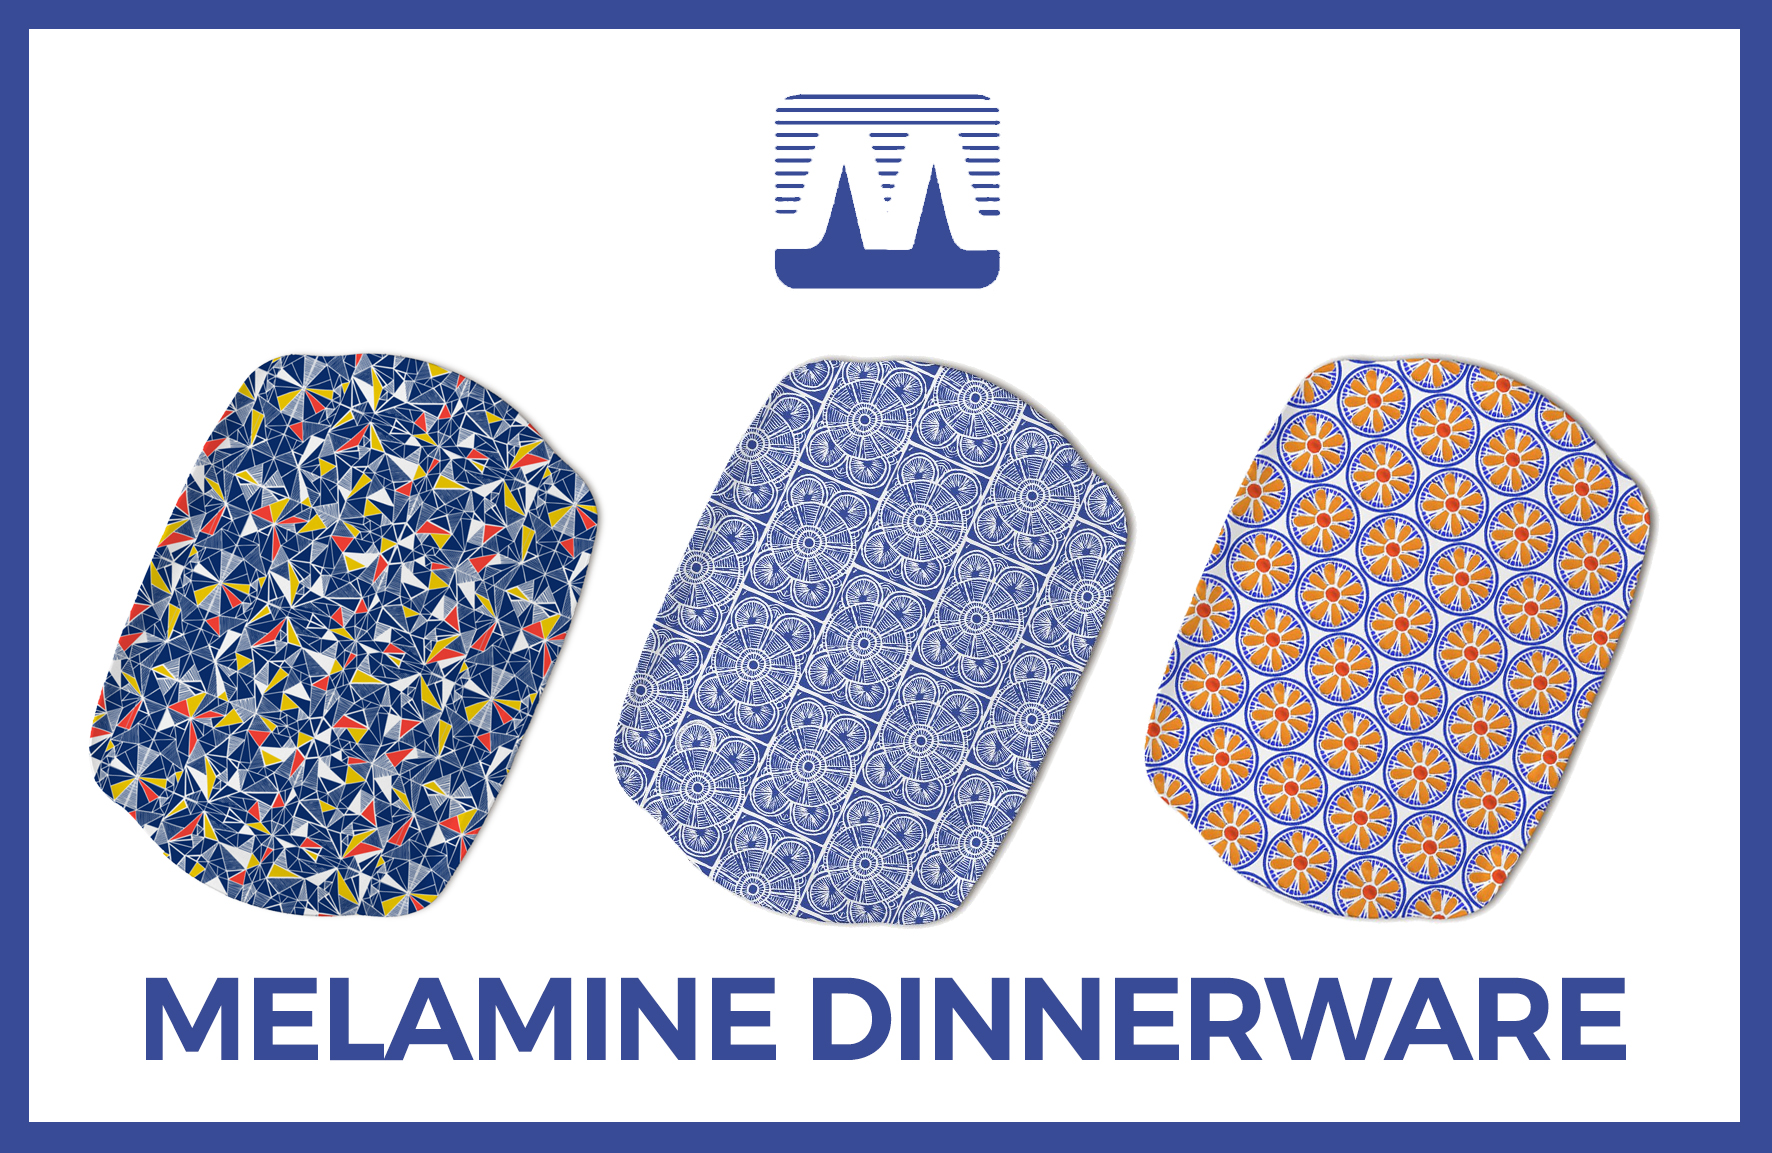 Melamine Dinnerware Blog banner image